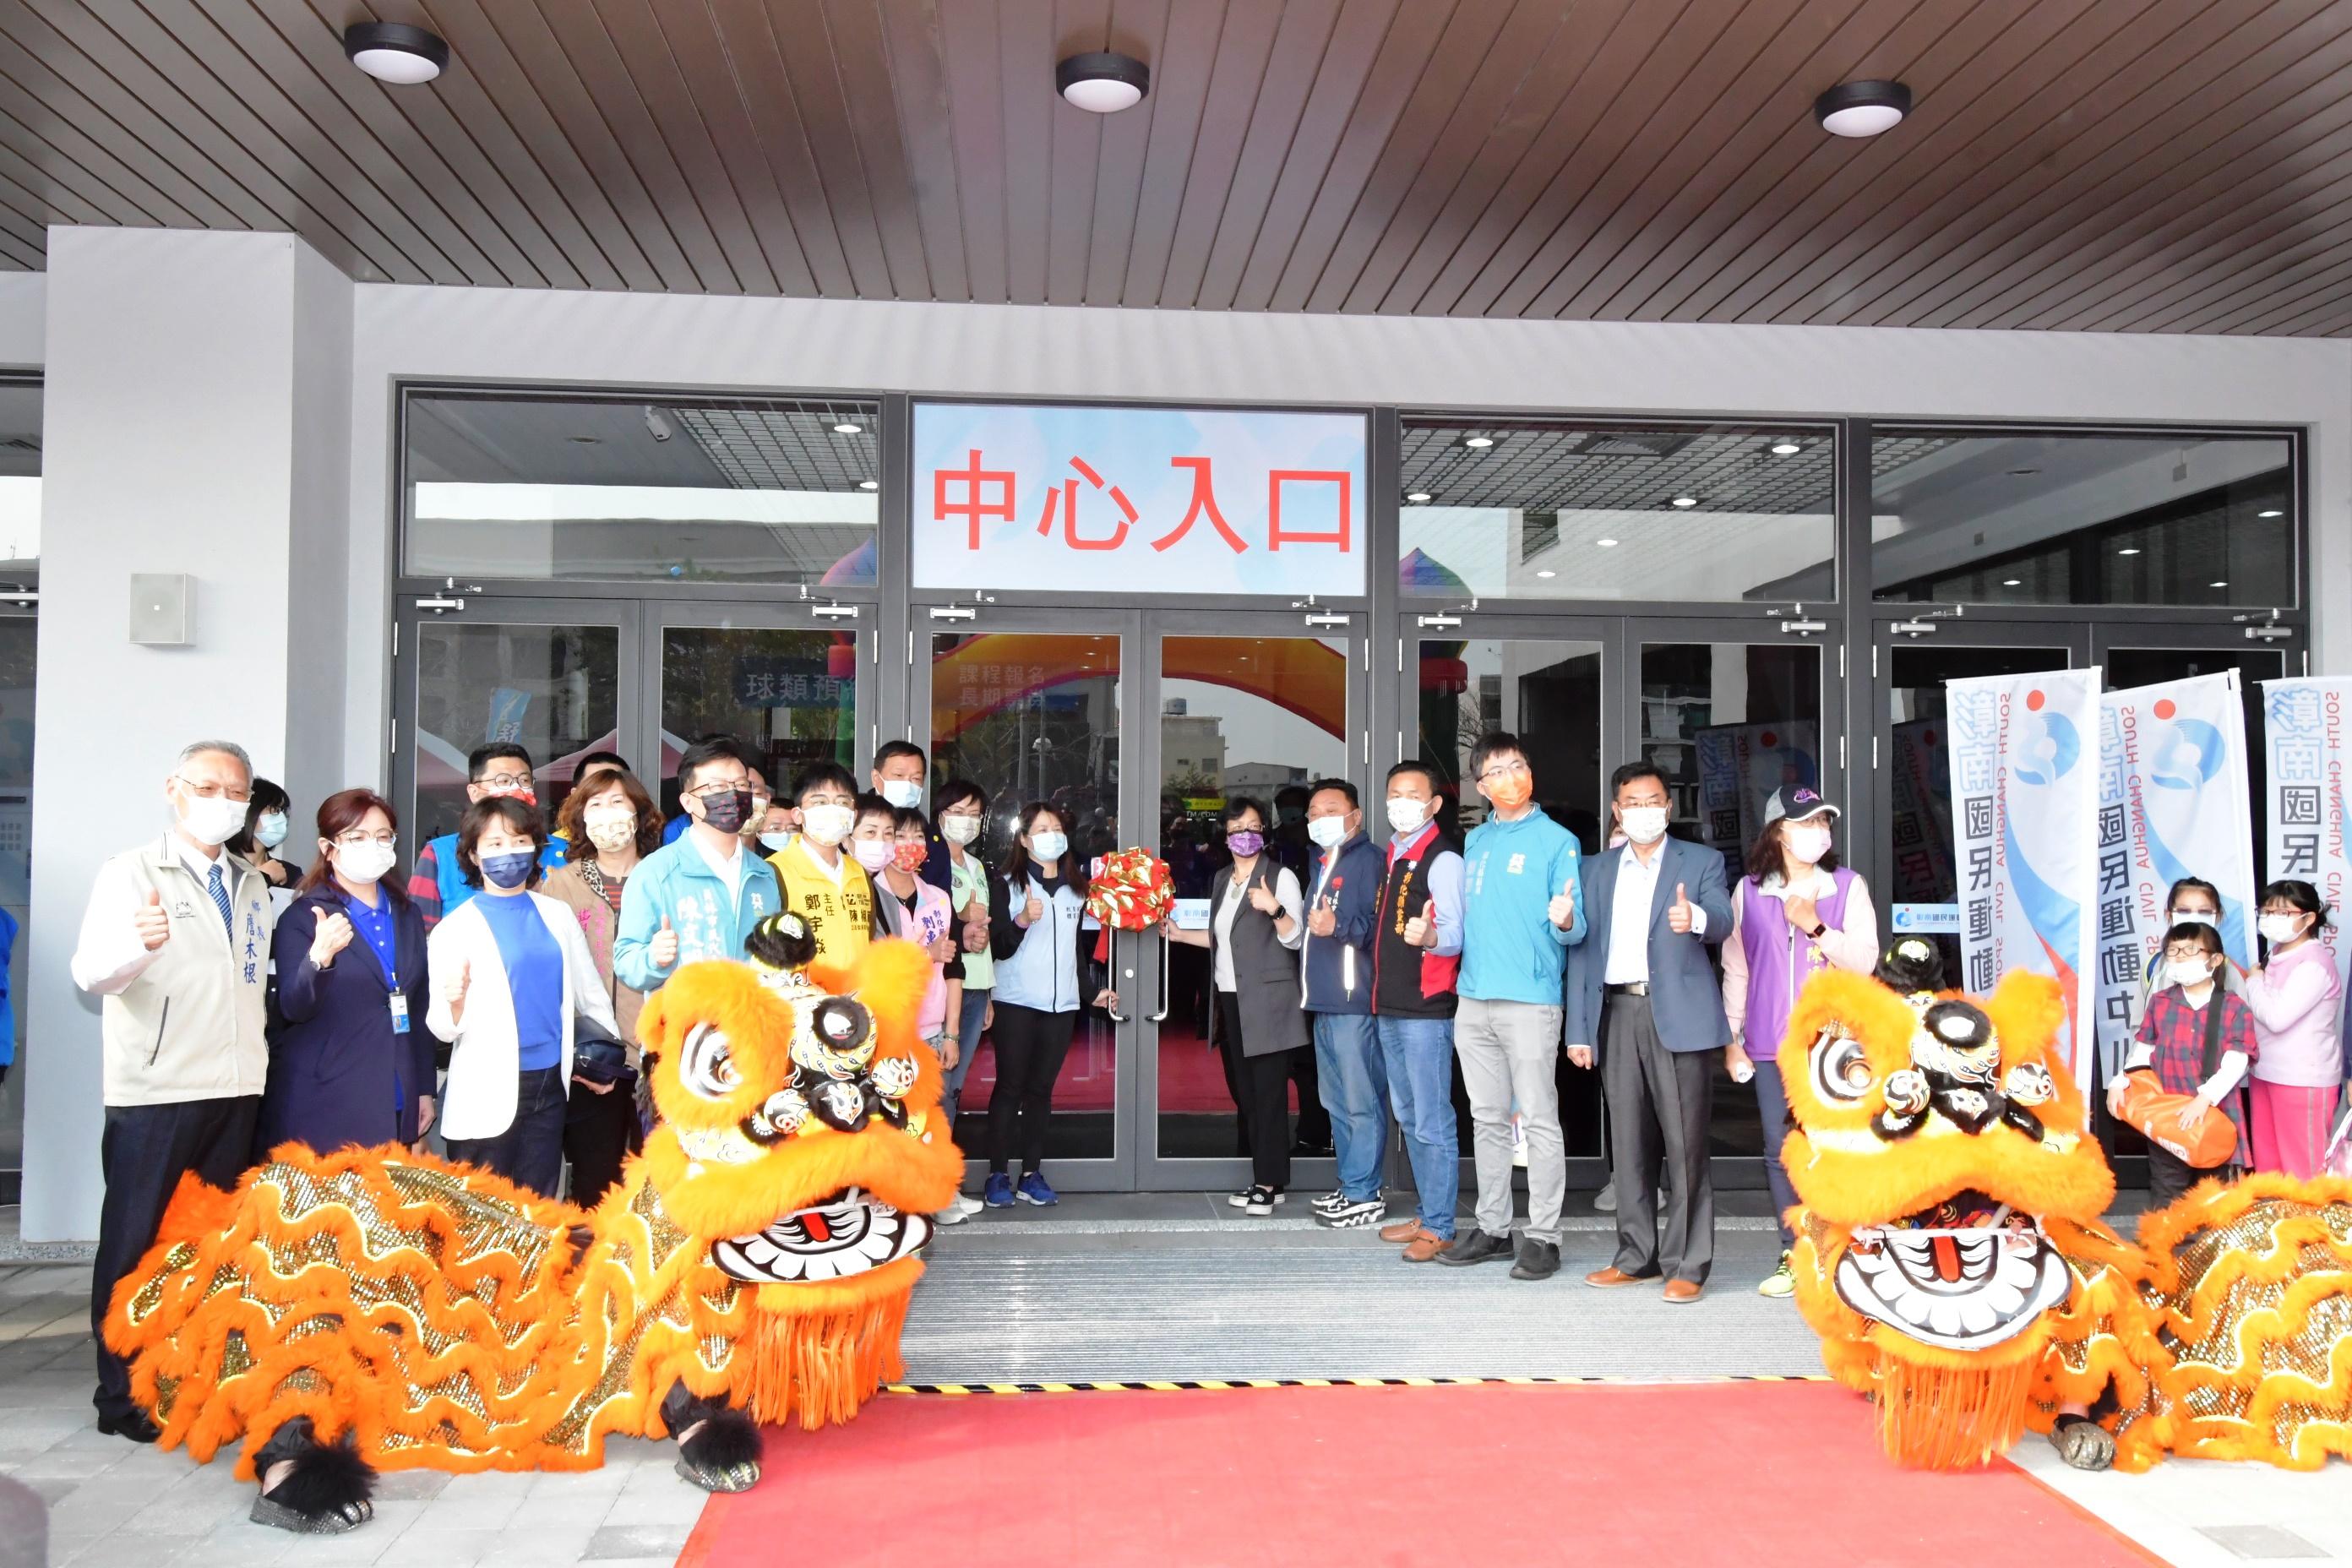 彰南國民運動中心啟用 免費試營運7天 3月13日正式開始營運